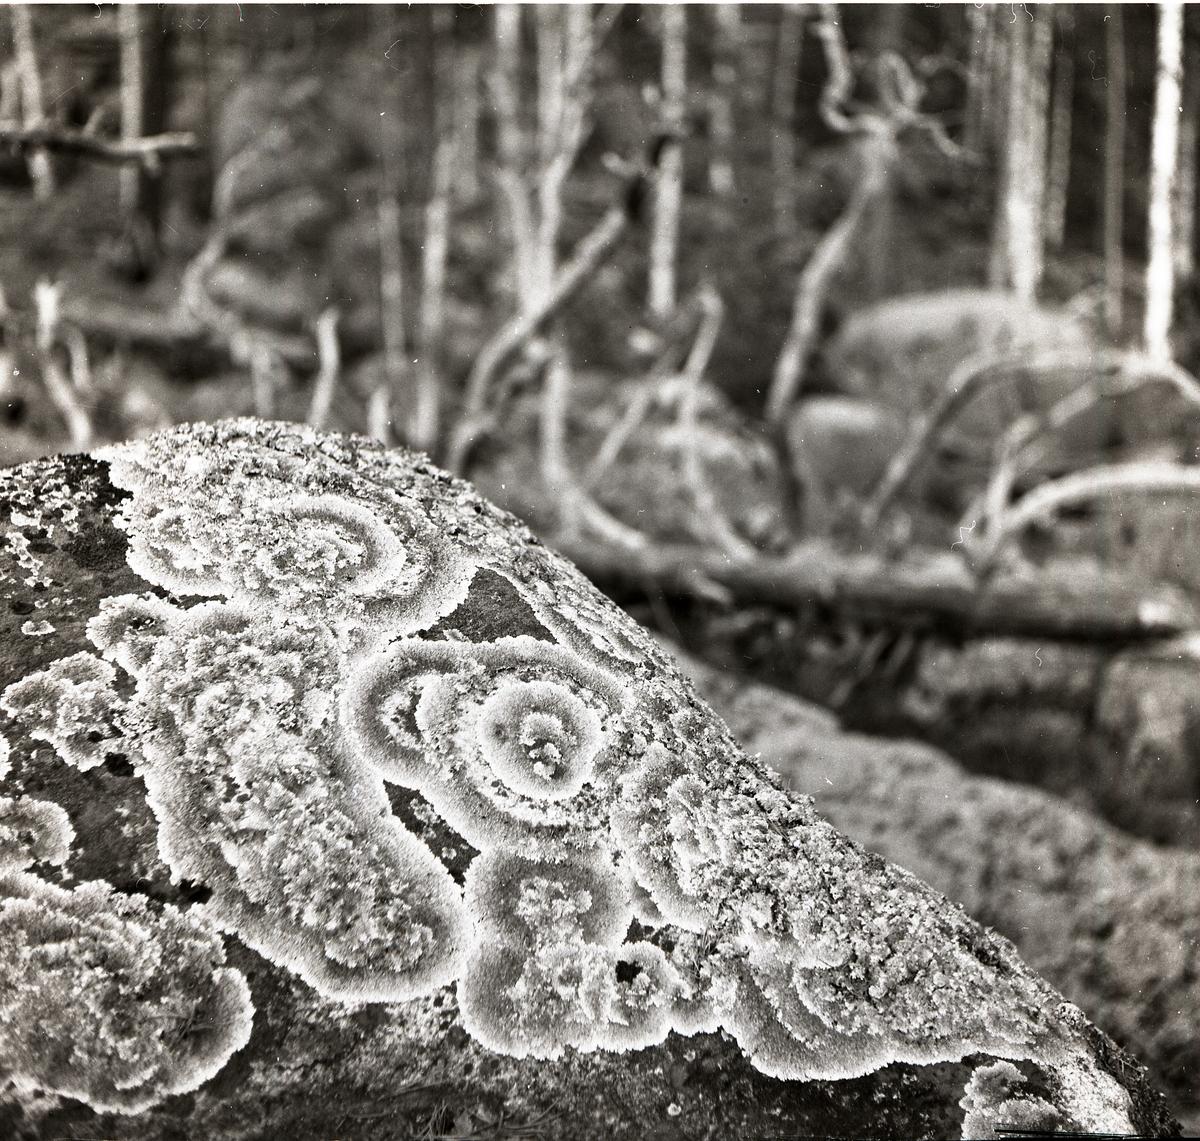 Lavarnas cirkulära mönster är närmast ett naturligt konstverk där de växer på stenen. Det nedfallna döda trädet i bakgrunden ger en kuslig folksägen känsla till bilden. Sten med mossa.